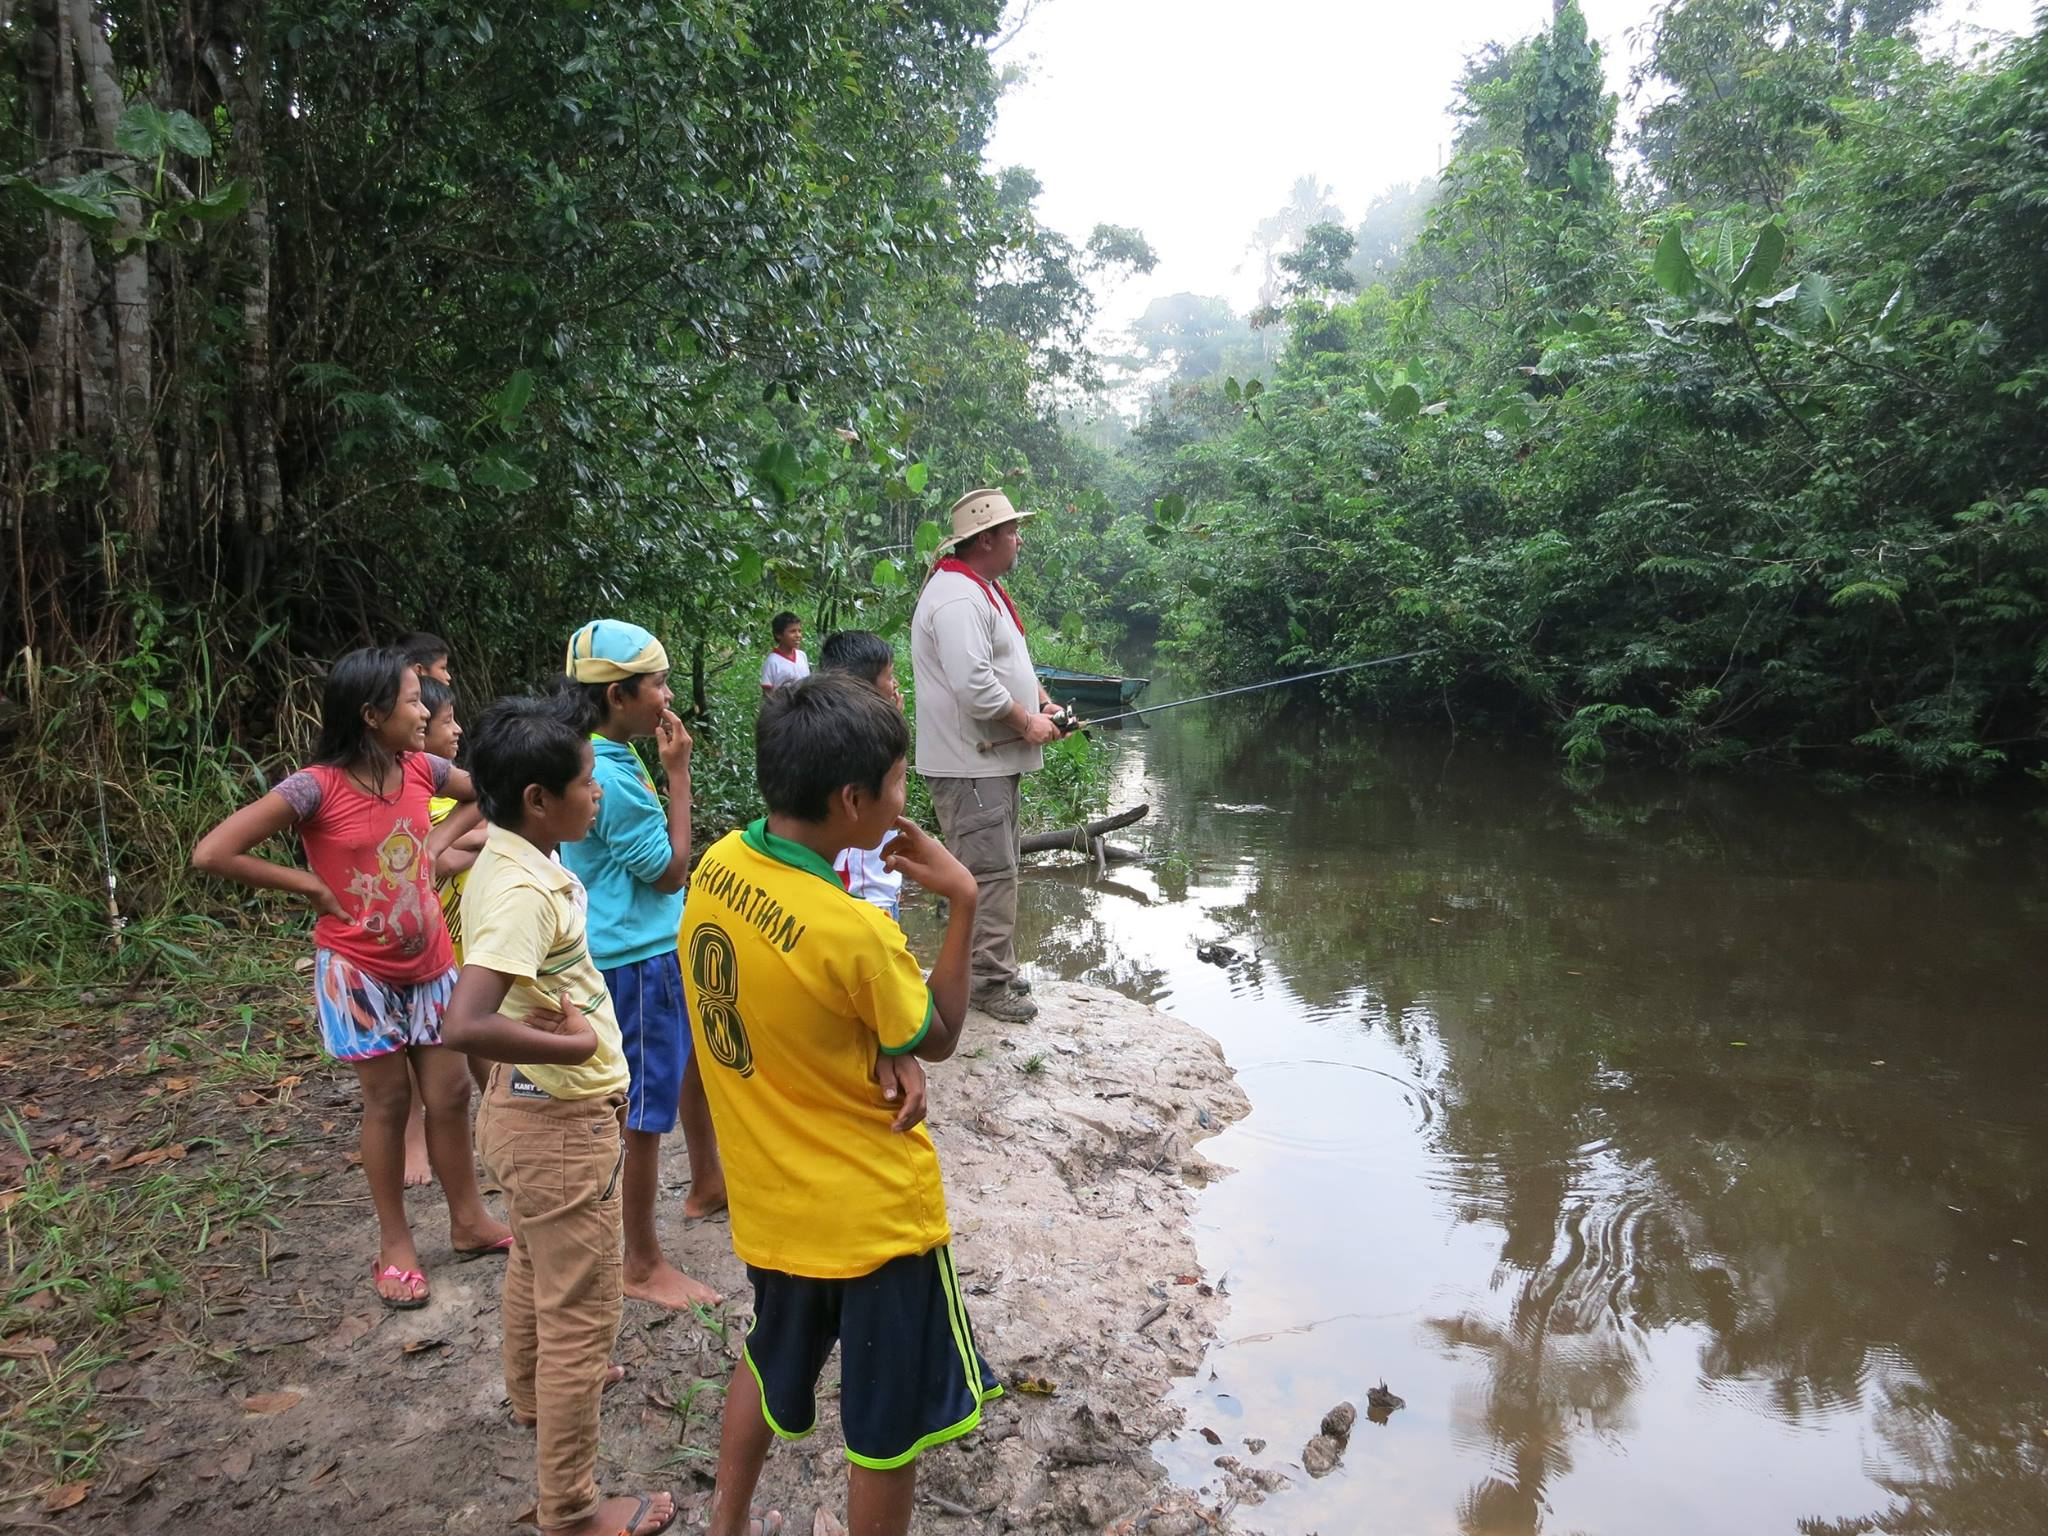 Fishing in Peru